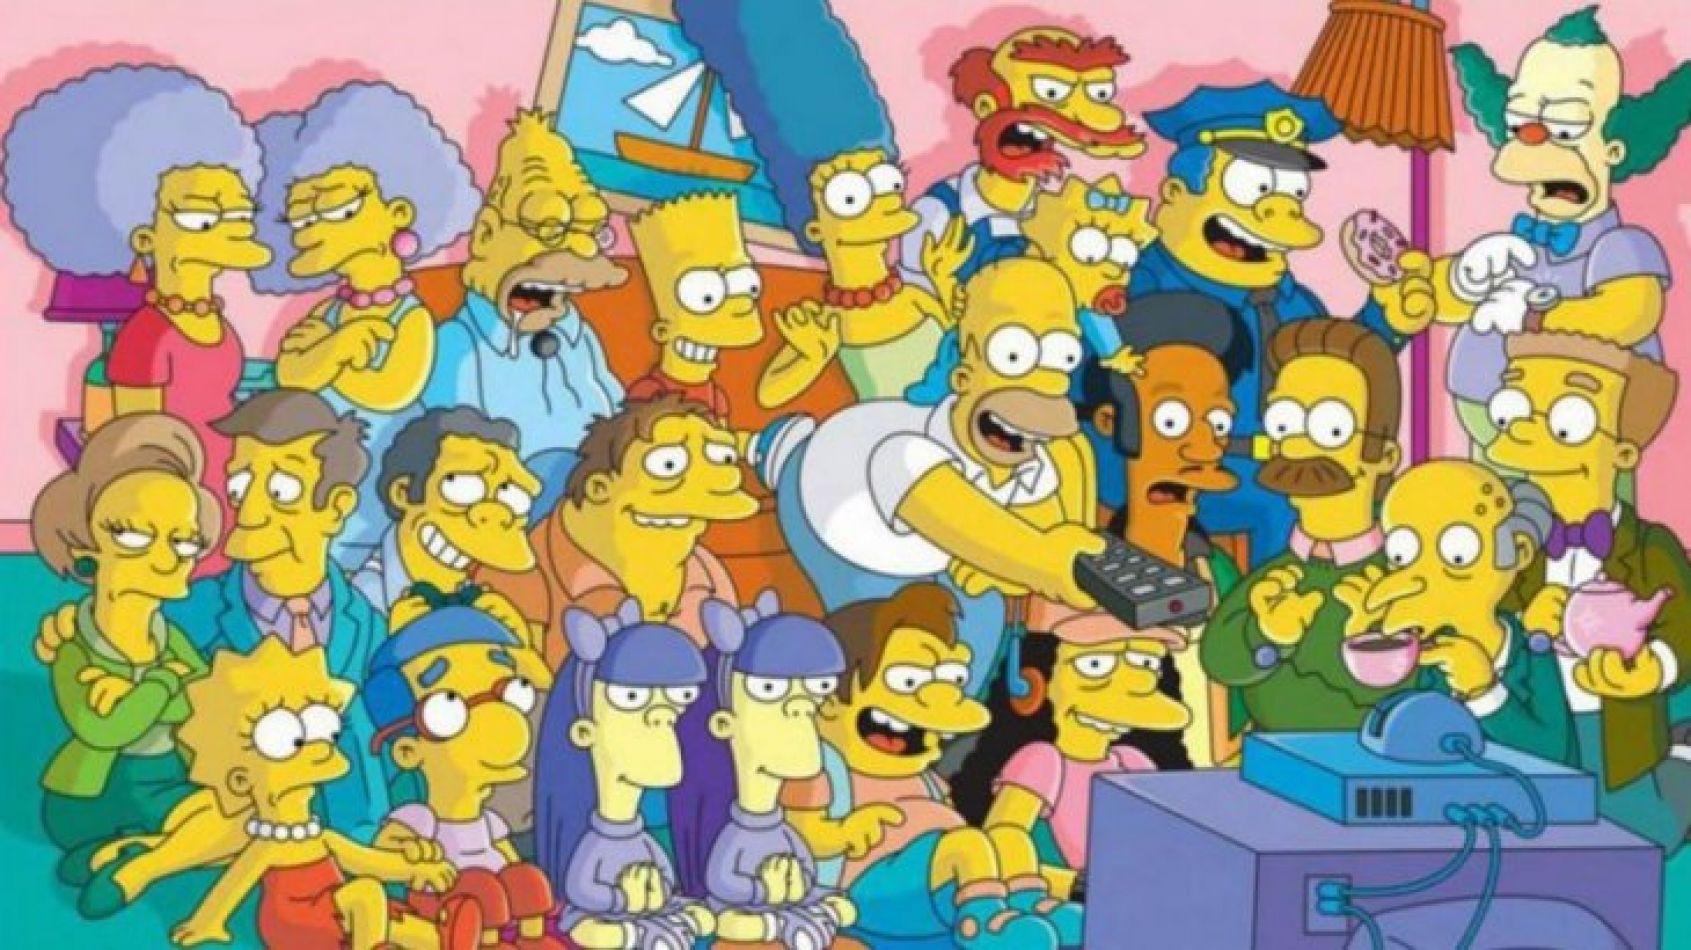 Cuatro personajes históricos de Los Simpson podrían desaparecer